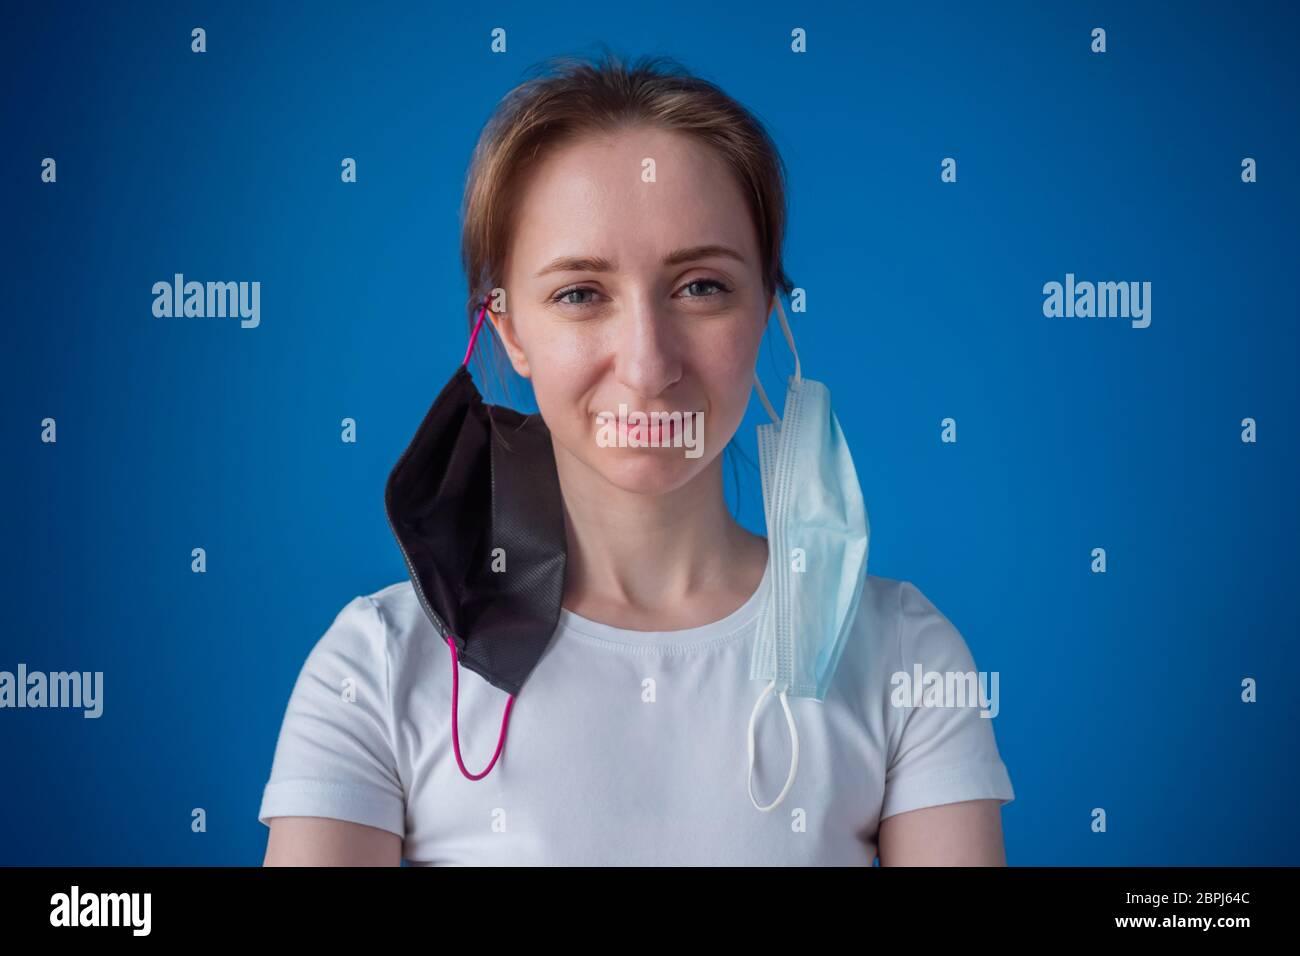 Porträt von lustigen Frau mit zwei medizinischen Gesichtsmaske an den Ohren hängen, Blick auf Kamera im Zimmer mit blauer Wand zu Hause. Selbstisolierung, Prävention Stockfoto